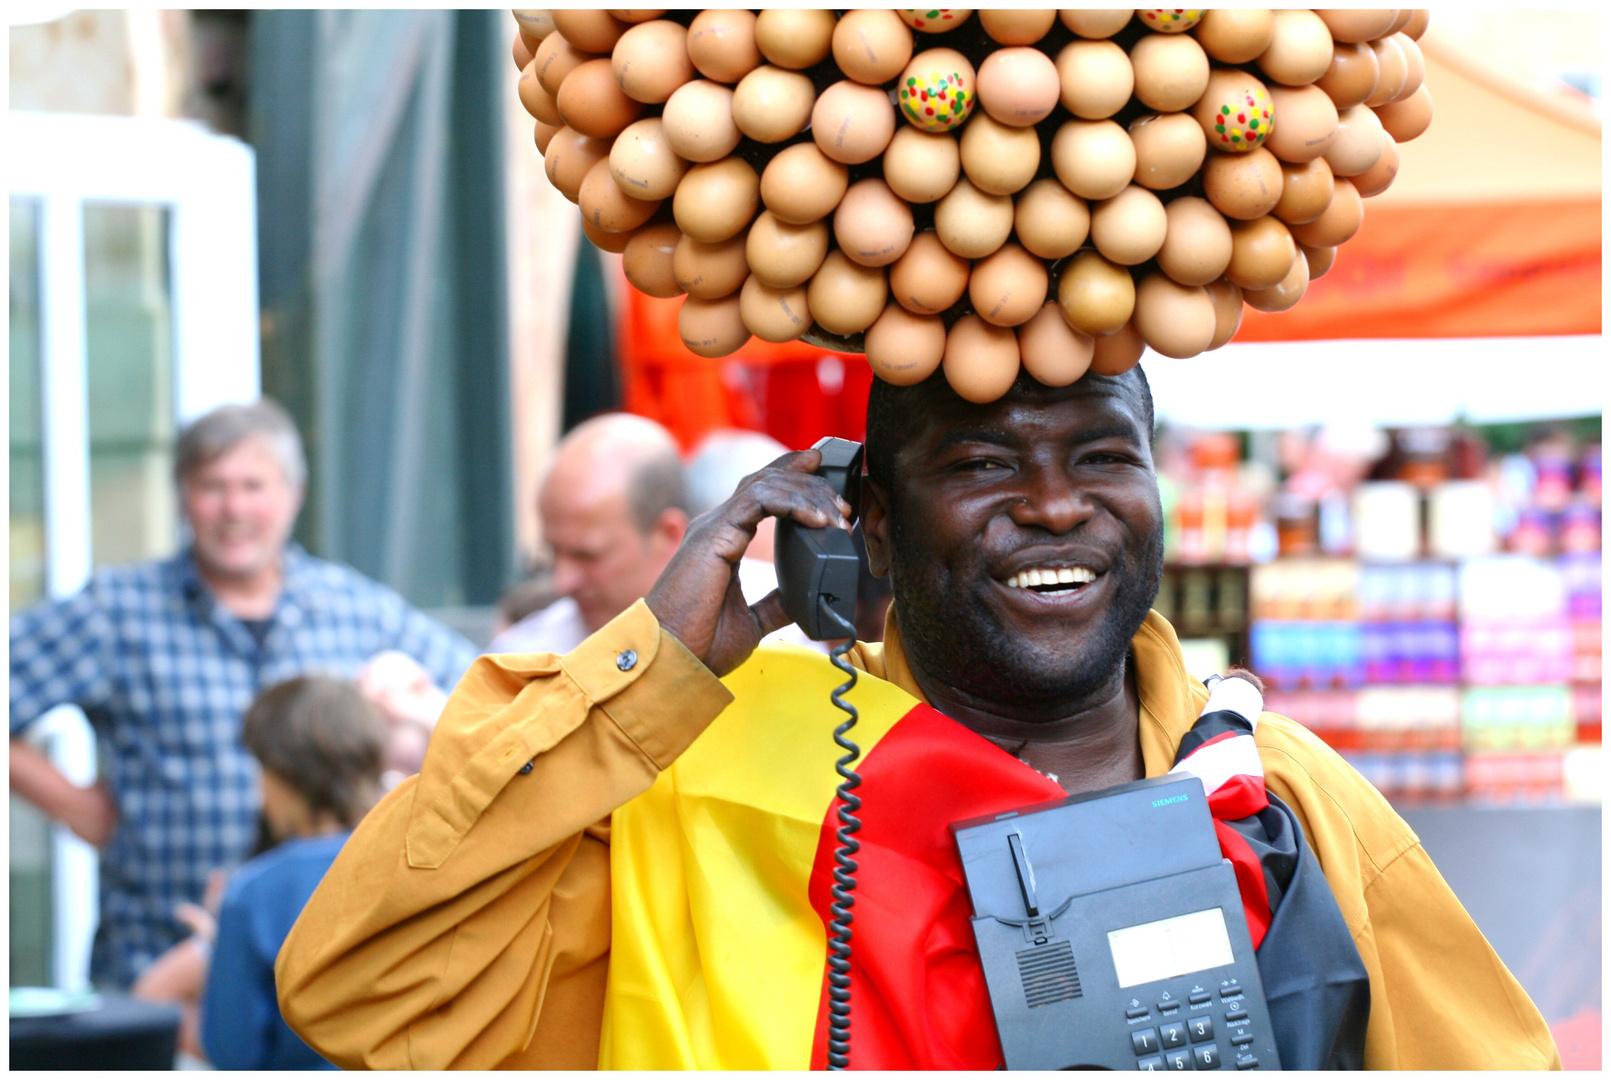 Eiermann mit Mobile phone